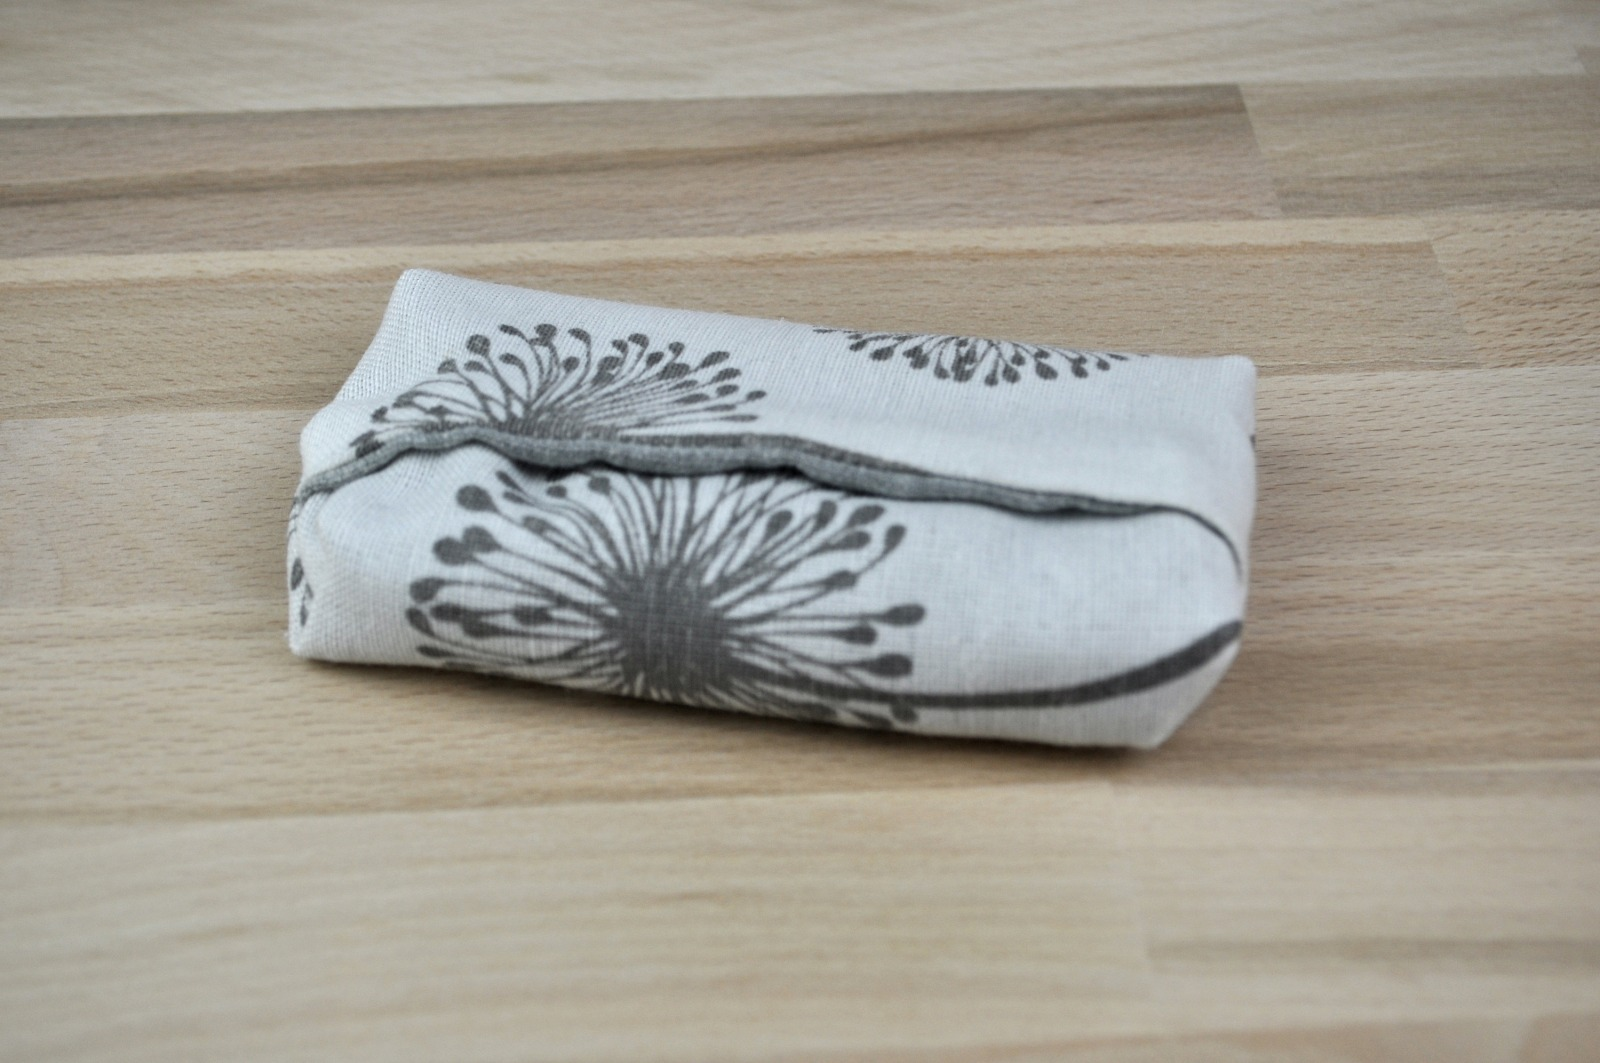 Taschentüchertasche Zero waste Tatüta 6